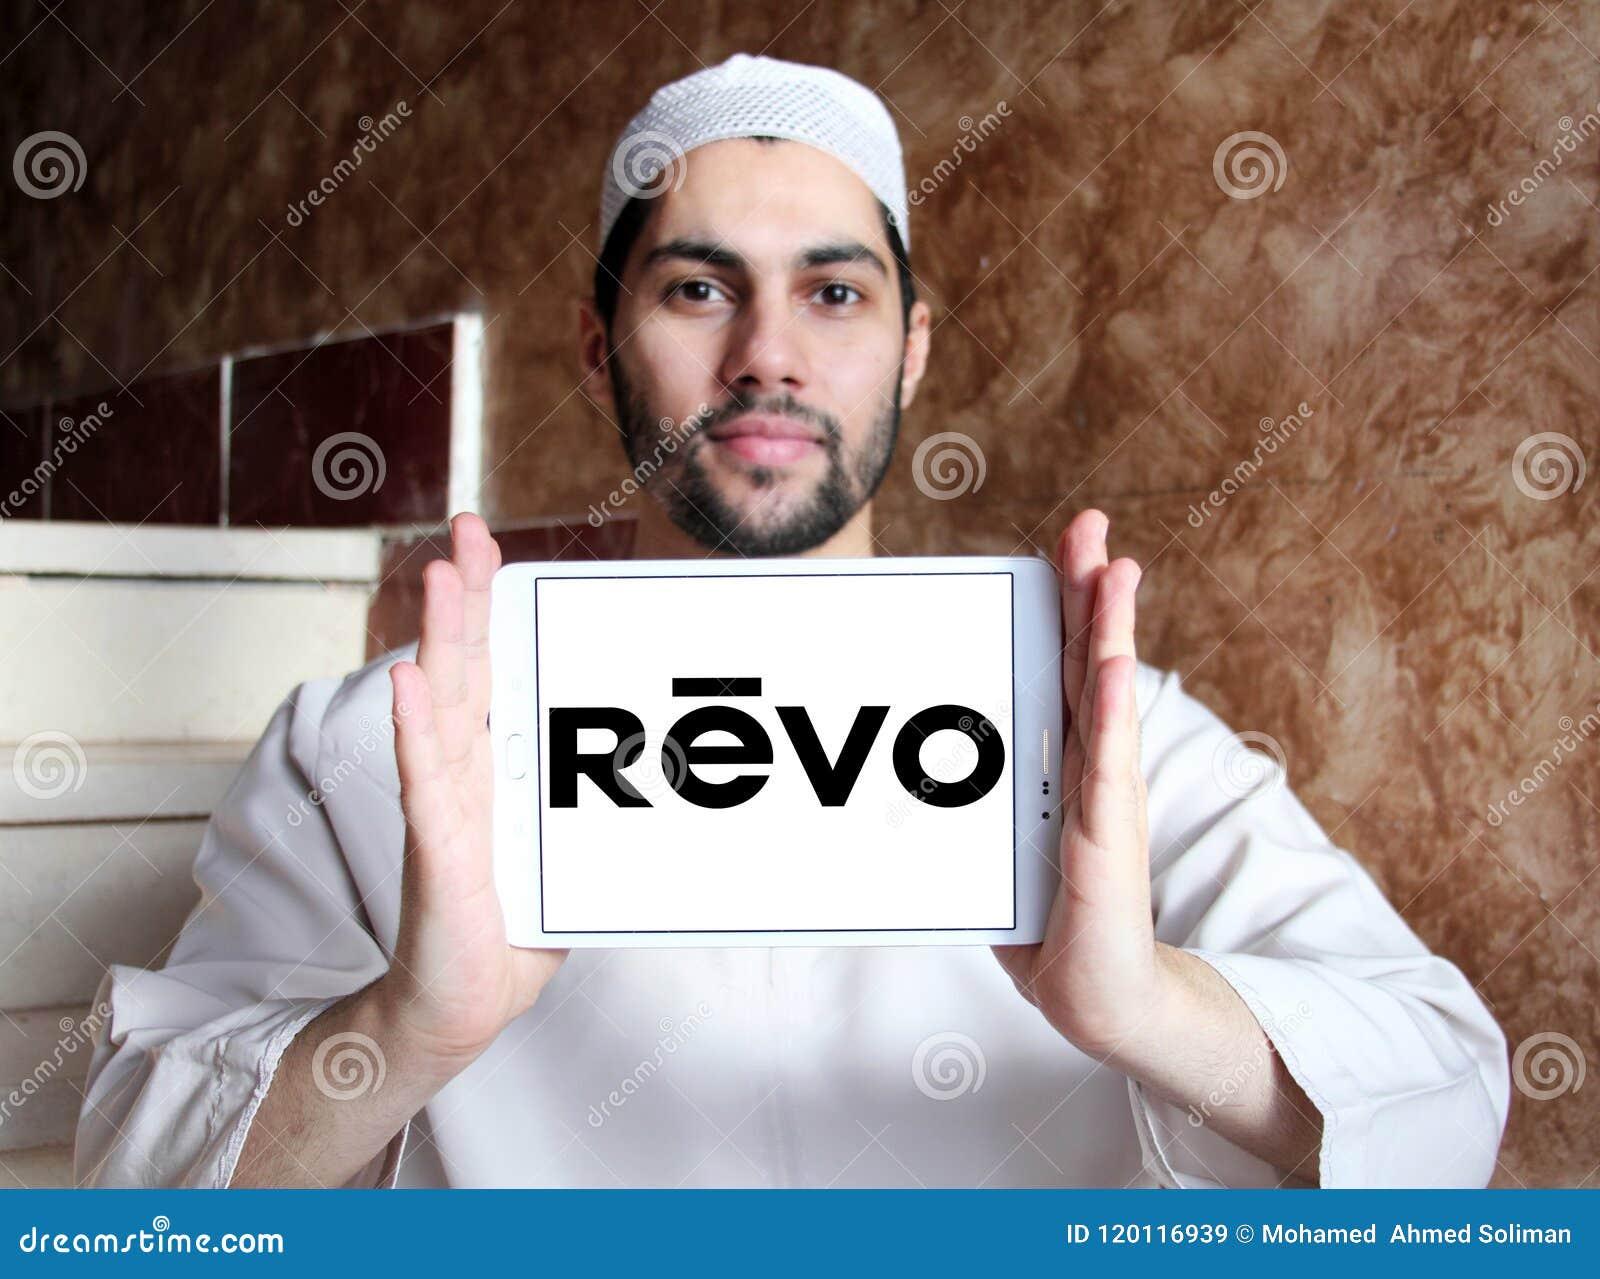 c5de5e50a5 Revo sunglasses brand logo editorial stock image. Image of mobile .